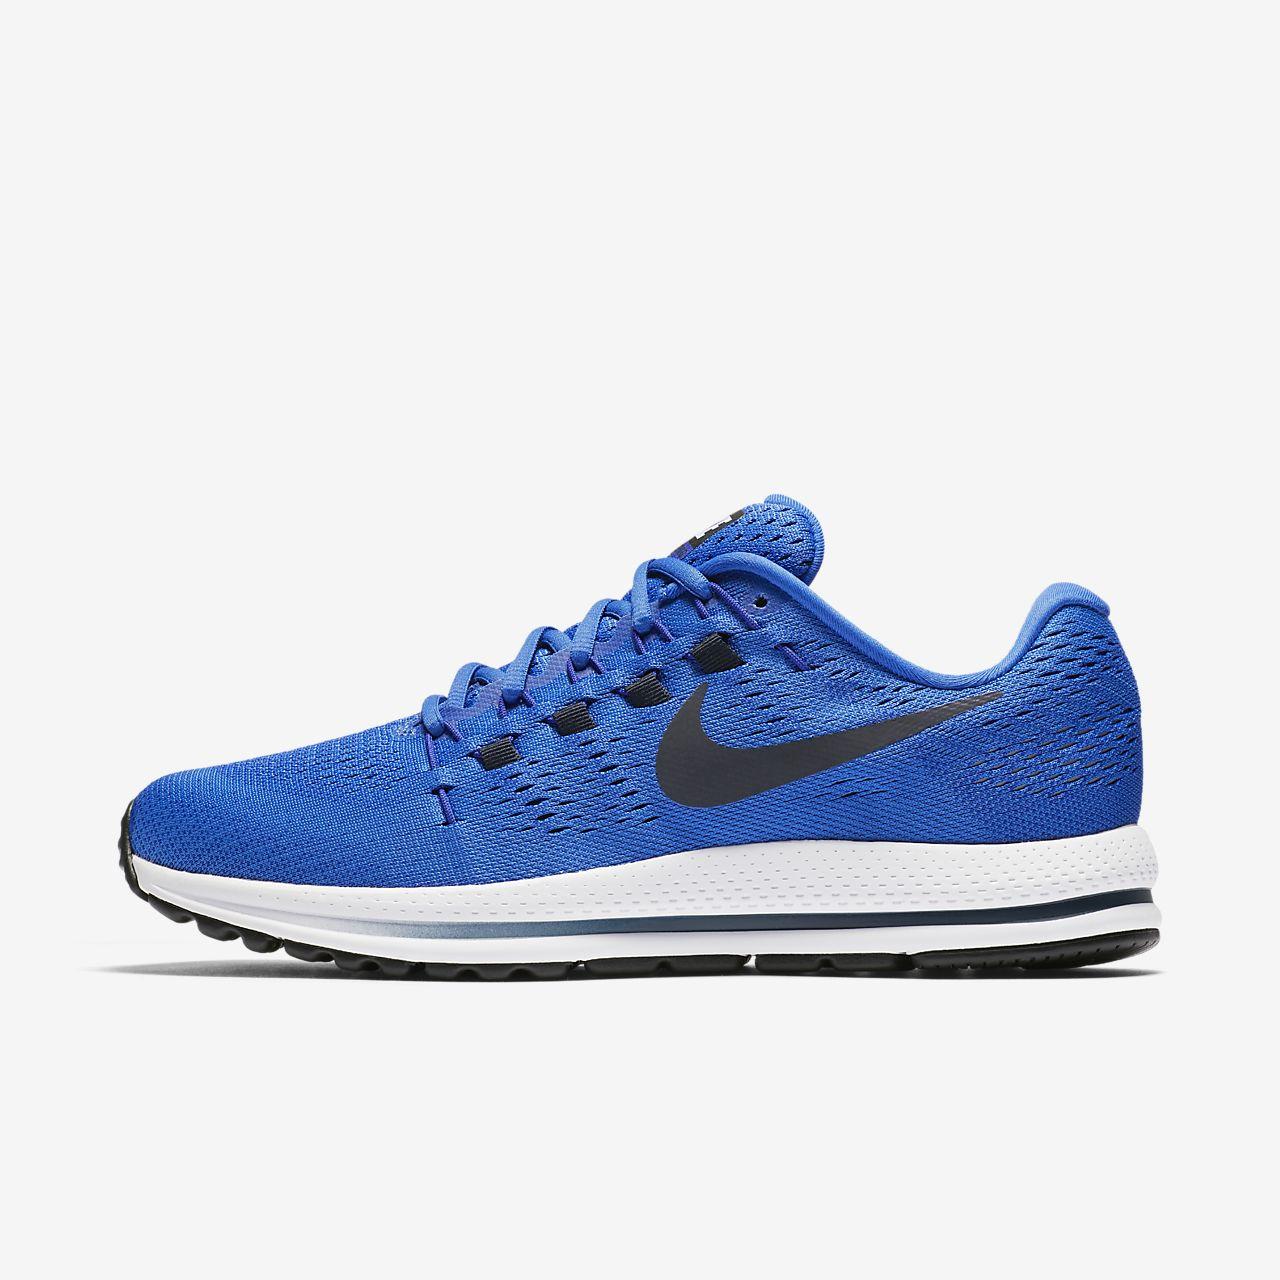 ... Nike Air Zoom Vomero 12 Zapatillas de running - Hombre